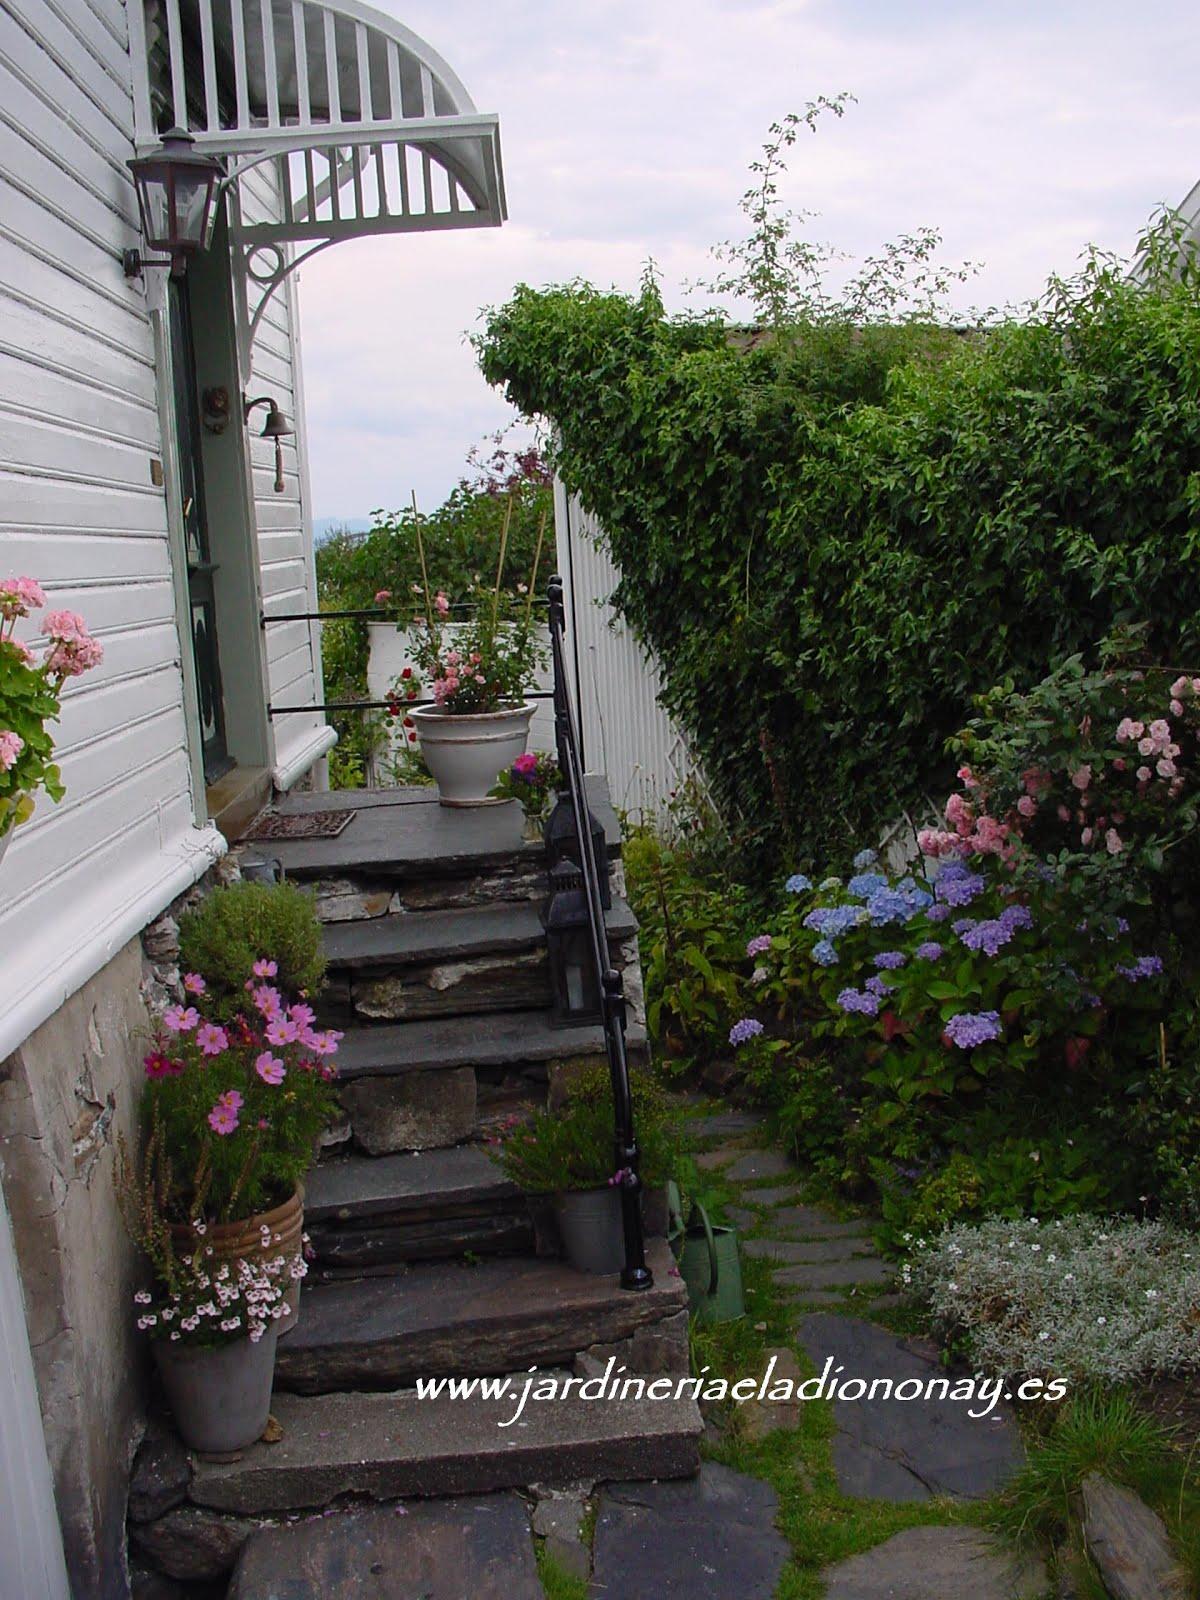 Jardineria eladio nonay abril 2016 - Jardineras en escalera ...